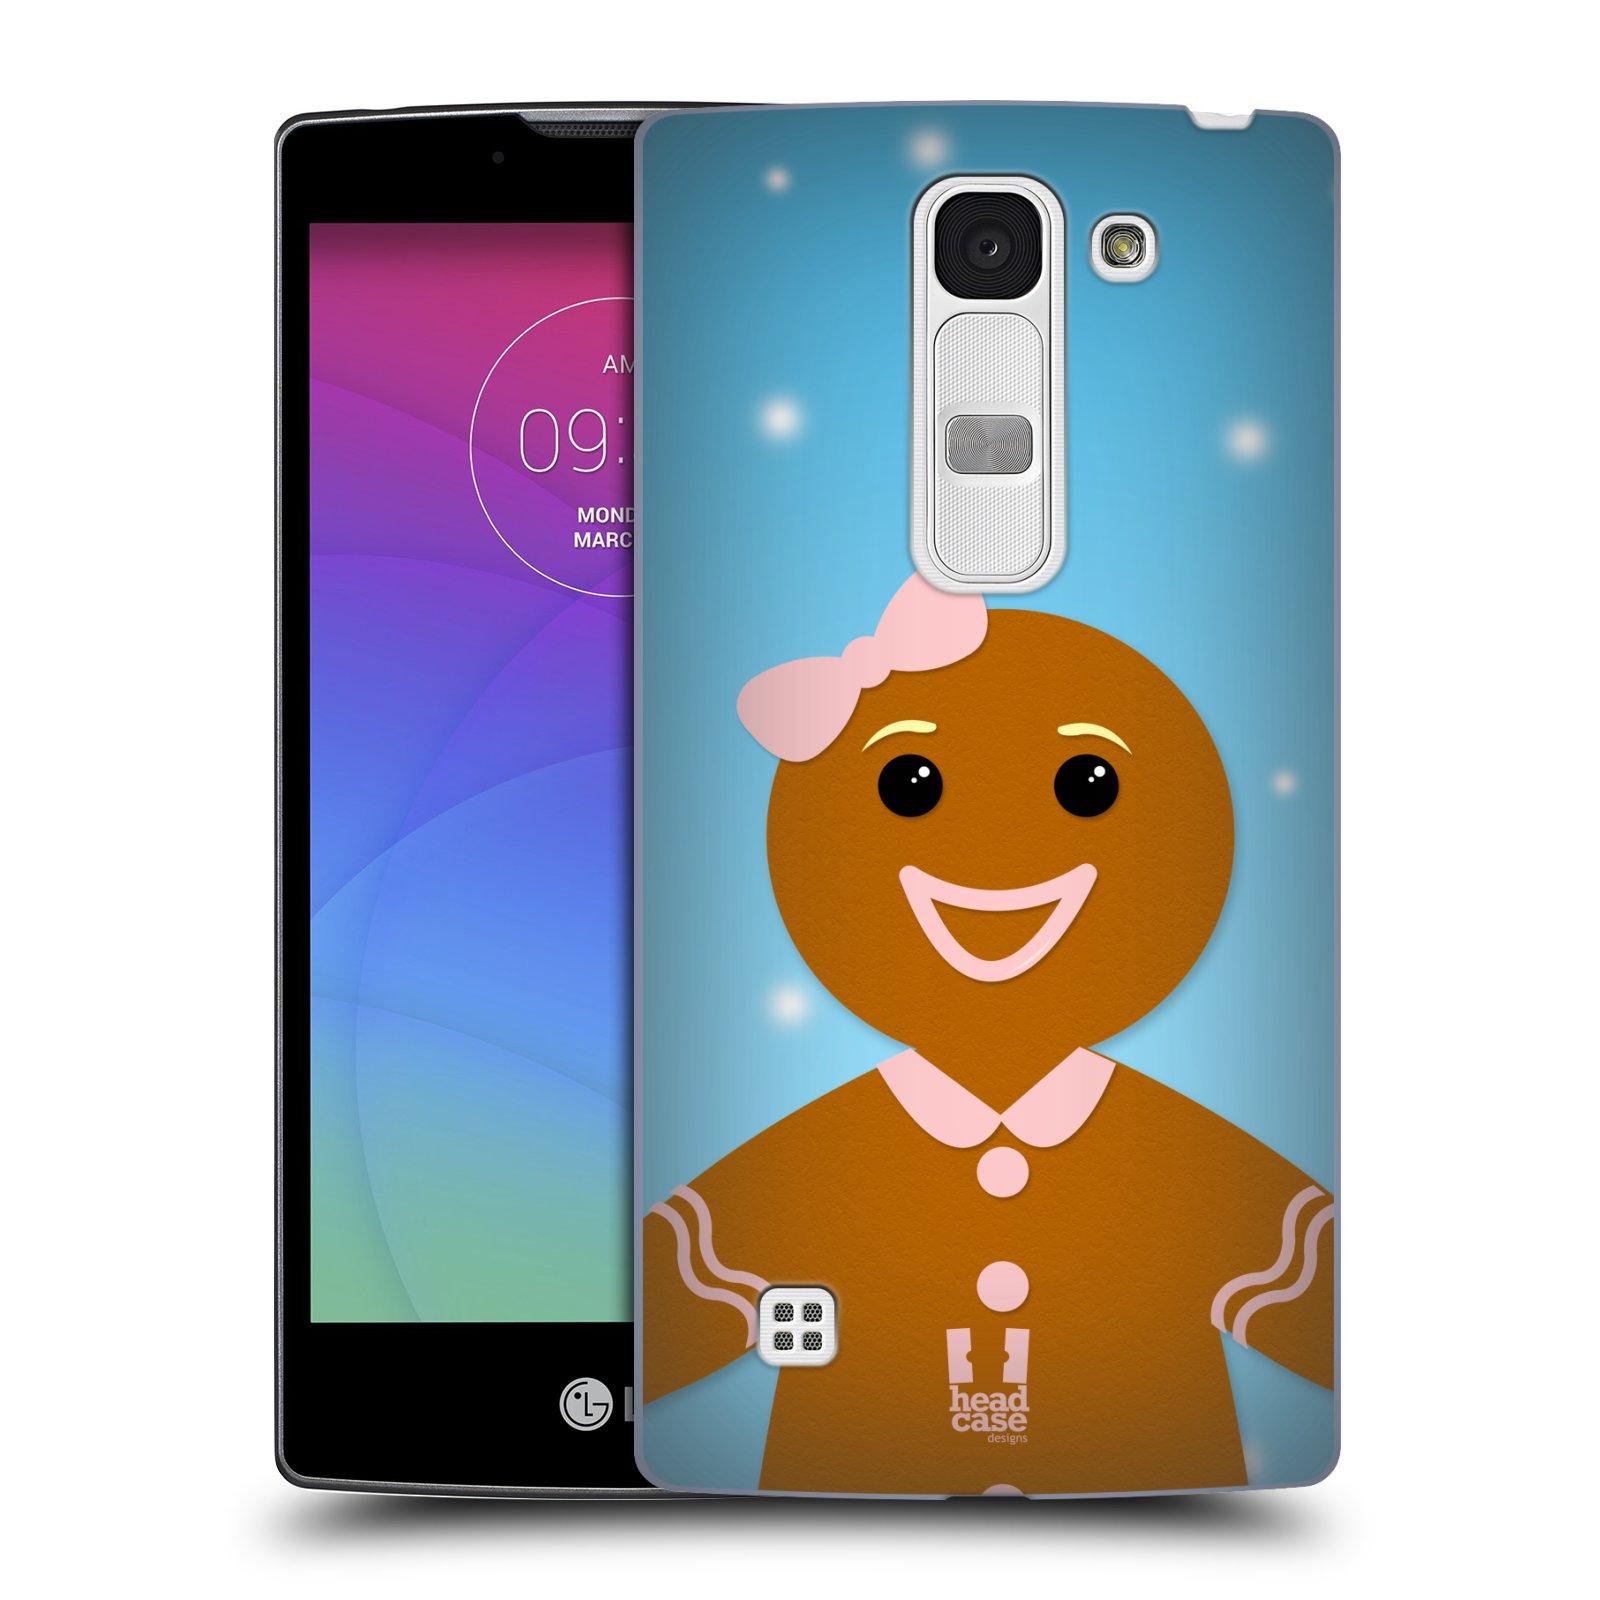 Plastové pouzdro na mobil LG Spirit LTE HEAD CASE VÁNOCE PERNÍČEK (Kryt či obal na mobilní telefon LG Spirit H420 a LG Spirit LTE H440N)